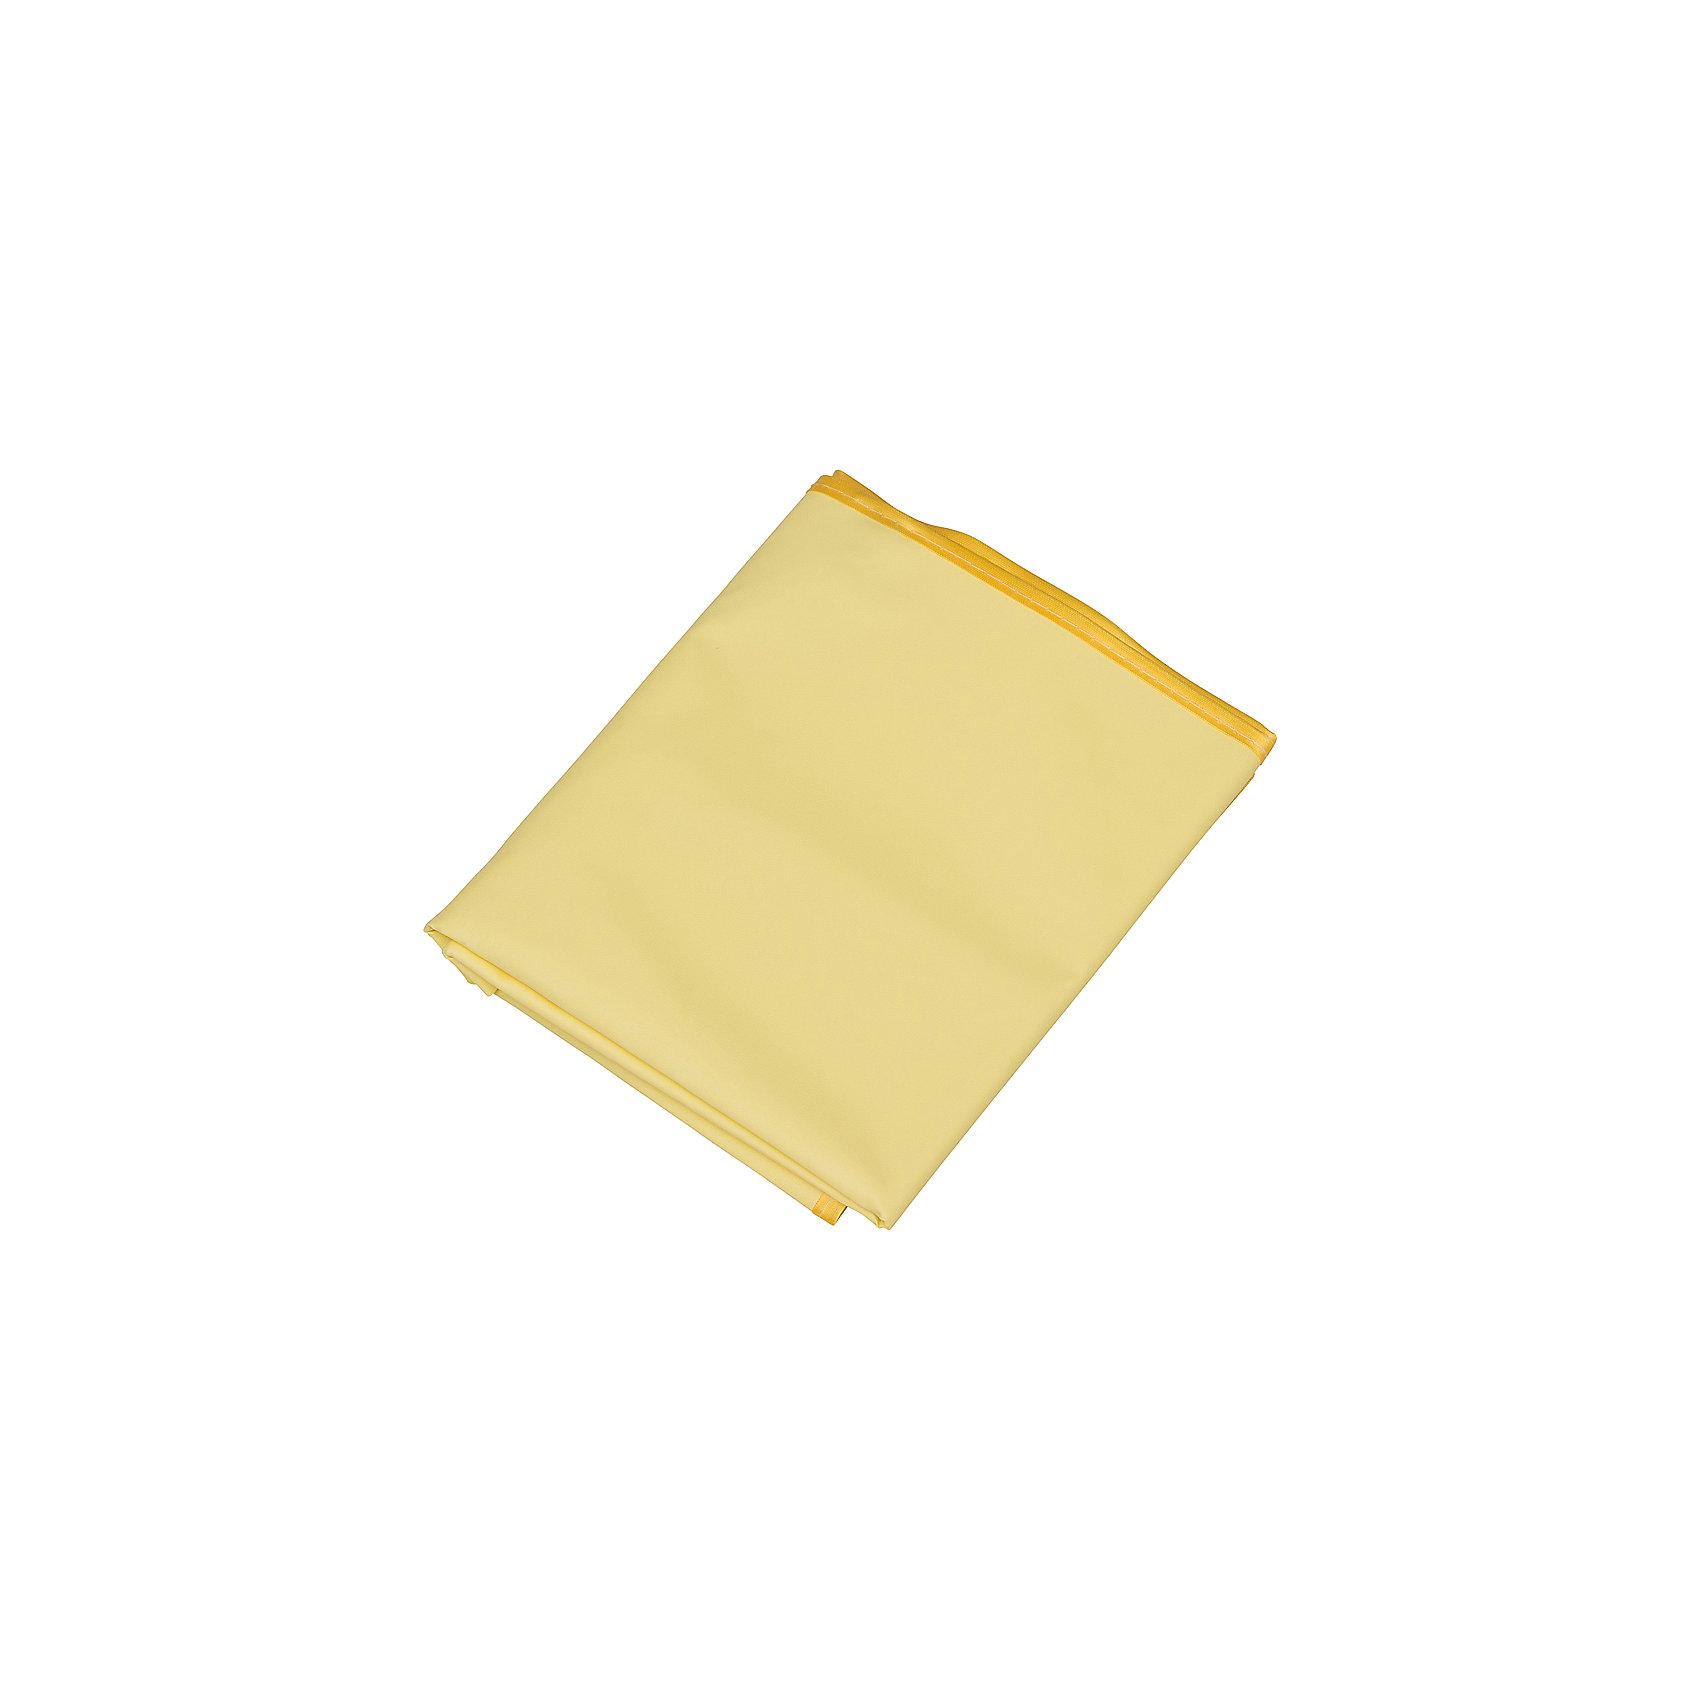 Клеенка подкладная с ПВХ покрытием, Roxy-Kids, желтыйКлеенка подкладная с ПВХ покрытием, Roxy-Kids, желтый идеально подходит к размерам детских матрасиков в кроватках и колясках и рекомендована к применению в быту при уходе за малышами!<br><br>Характеристики:<br>-Соответствует всем медицинским требованиям <br>-Изготовлена из полиэфирной ткани: влагонепроницаемая, газопроницаемая и паропроницаемая, что способствует профилактики детских опрелостей <br>-ПВХ покрытие на лицевой стороне обладает отличной теплопроводностью, быстро приобретает температуру тела без «эффекта холодного прикосновения»<br>-Идеально подходит к размерам детских матрасиков в кроватках и колясках<br><br>Дополнительная информация:<br>-Размер: 100х70 см<br>-Размеры в упаковке: 21х17 см<br>-Вес в упаковке: 50 г<br>-Цвет: желтый<br>-Материалы: ПВХ, текстиль<br><br>Безопасная и практичная клеенка с ПВХ покрытием идеальна для защиты детской кожи и постельного белья и матраса, и с ней сон малыша будет сладким и крепким!<br><br>Клеенка подкладная с ПВХ покрытием, Roxy-Kids, желтый можно купить в нашем магазине.<br><br>Ширина мм: 210<br>Глубина мм: 170<br>Высота мм: 0<br>Вес г: 50<br>Возраст от месяцев: 0<br>Возраст до месяцев: 12<br>Пол: Унисекс<br>Возраст: Детский<br>SKU: 4231882